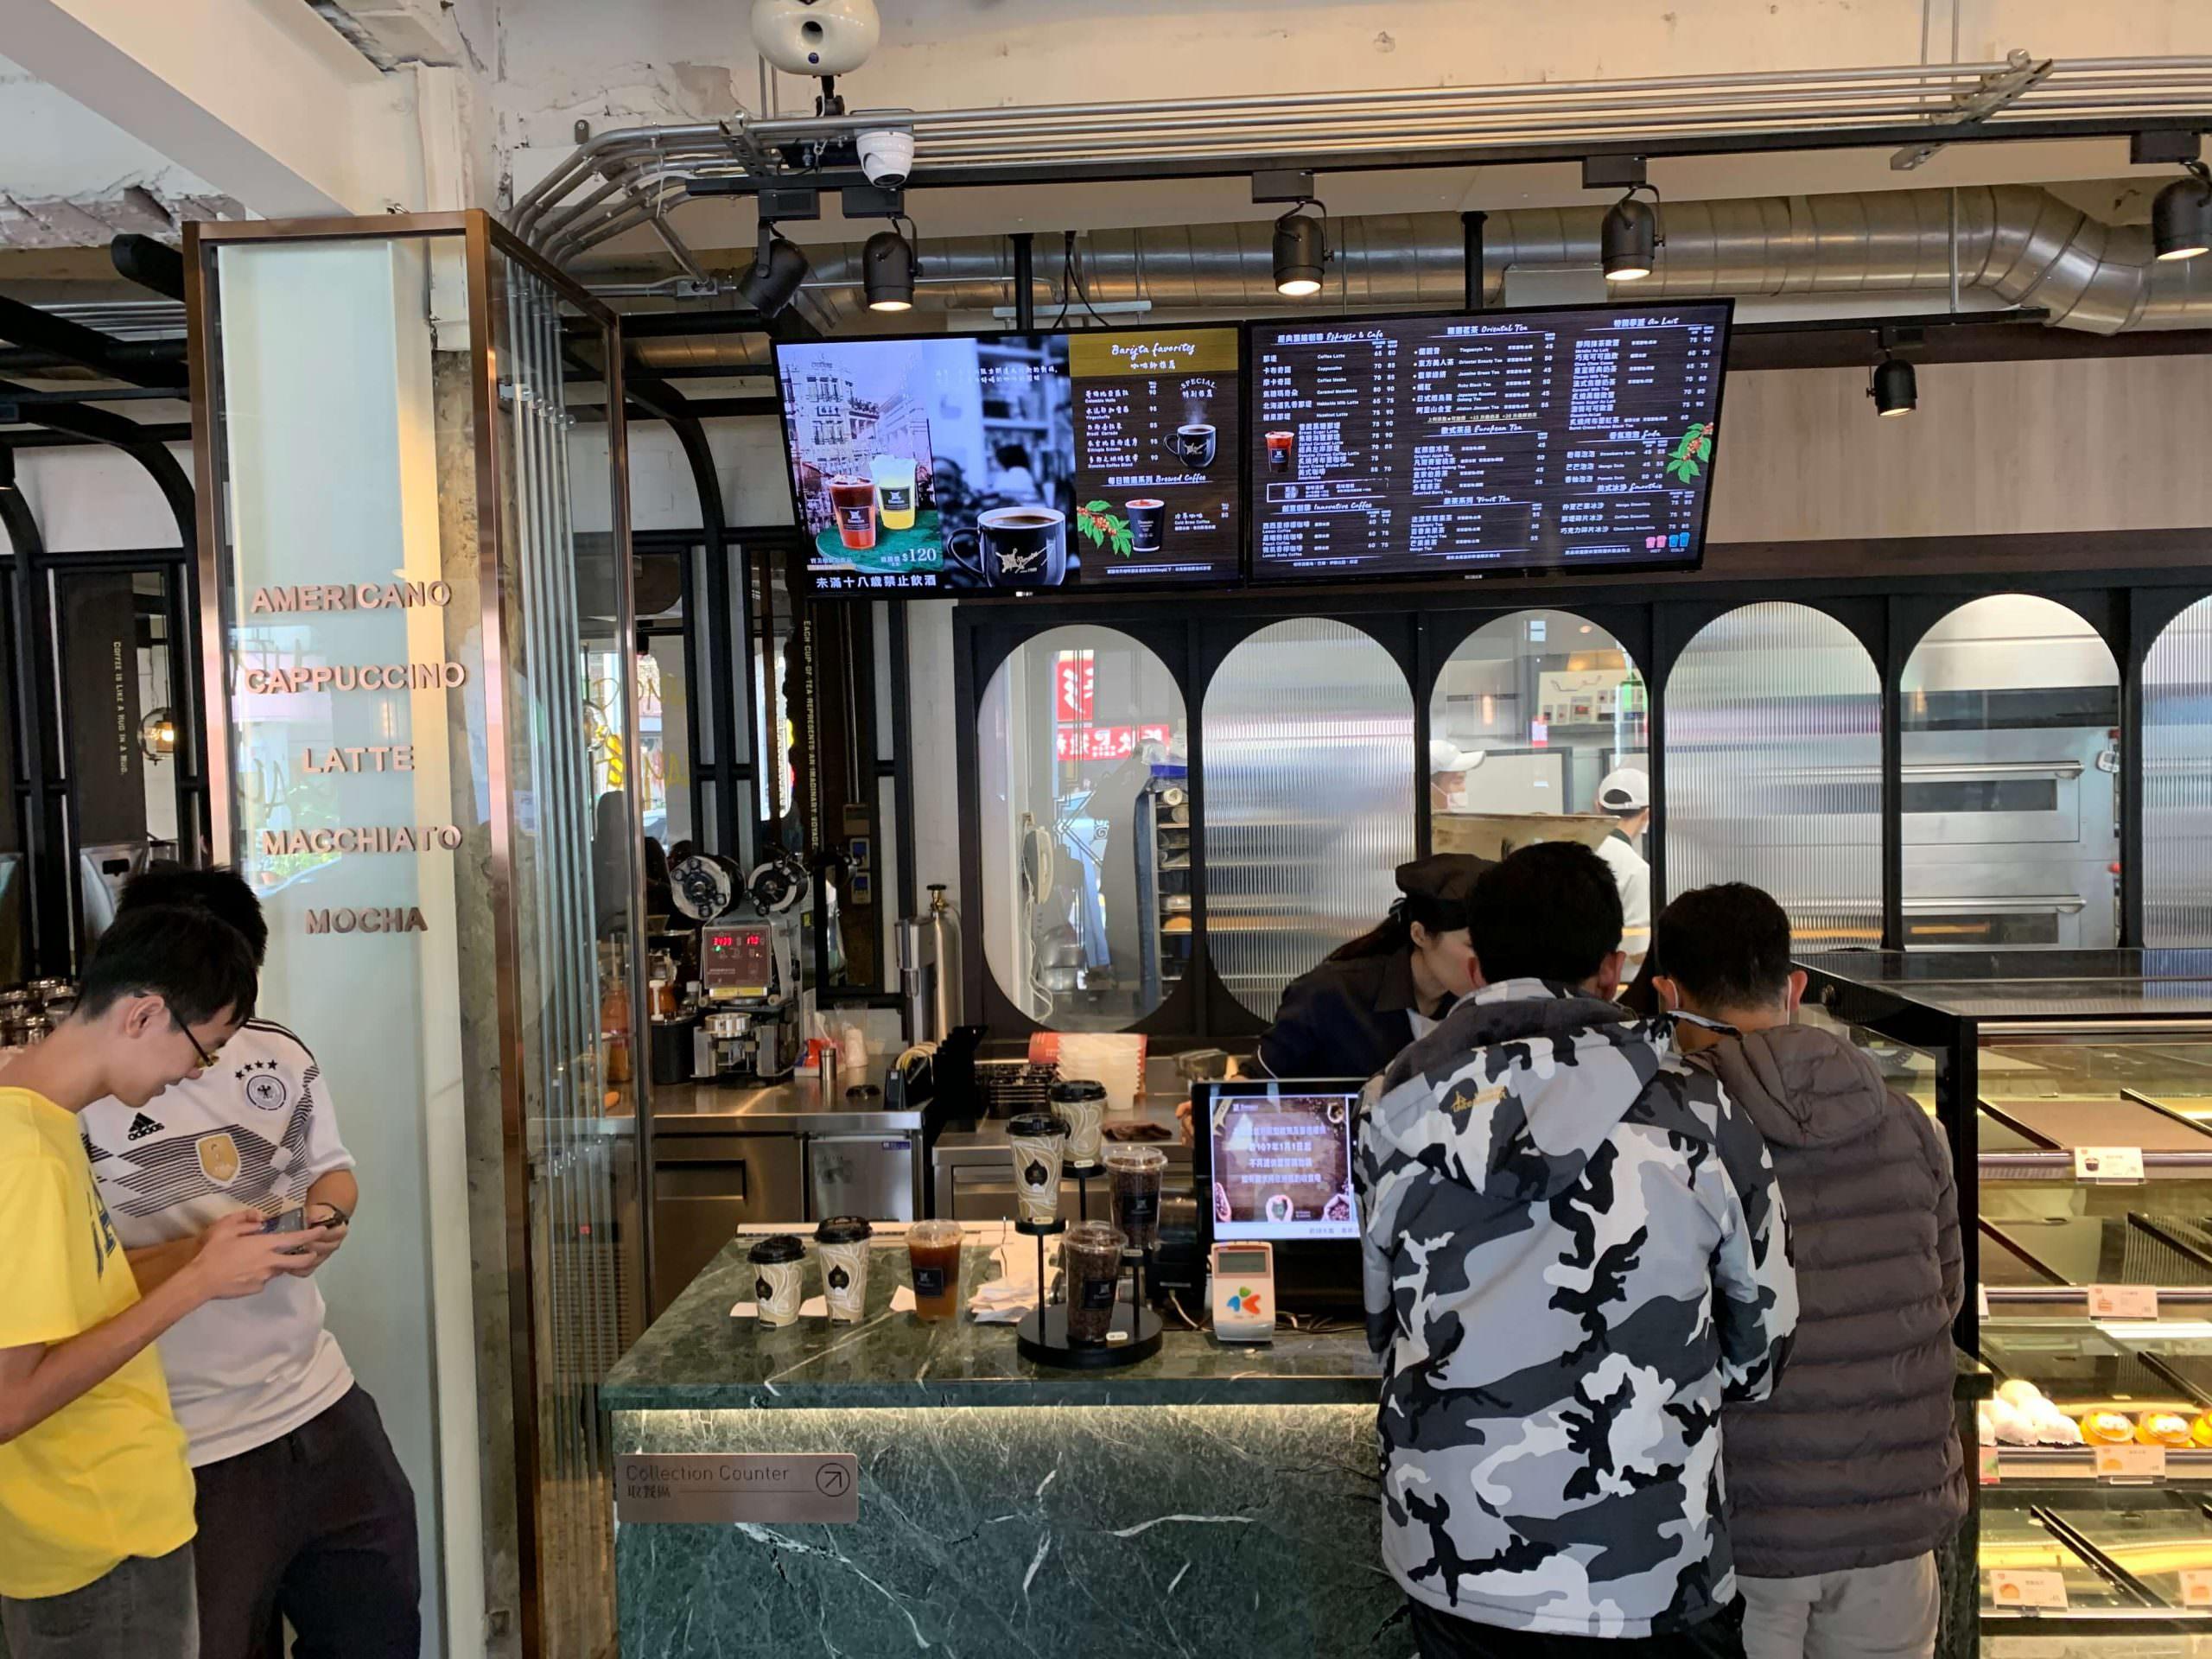 [臺南美食] 多那之西門店 - 日治時代的高級料理亭寶美樓變成咖啡館了! - 臺南阿青的部落格